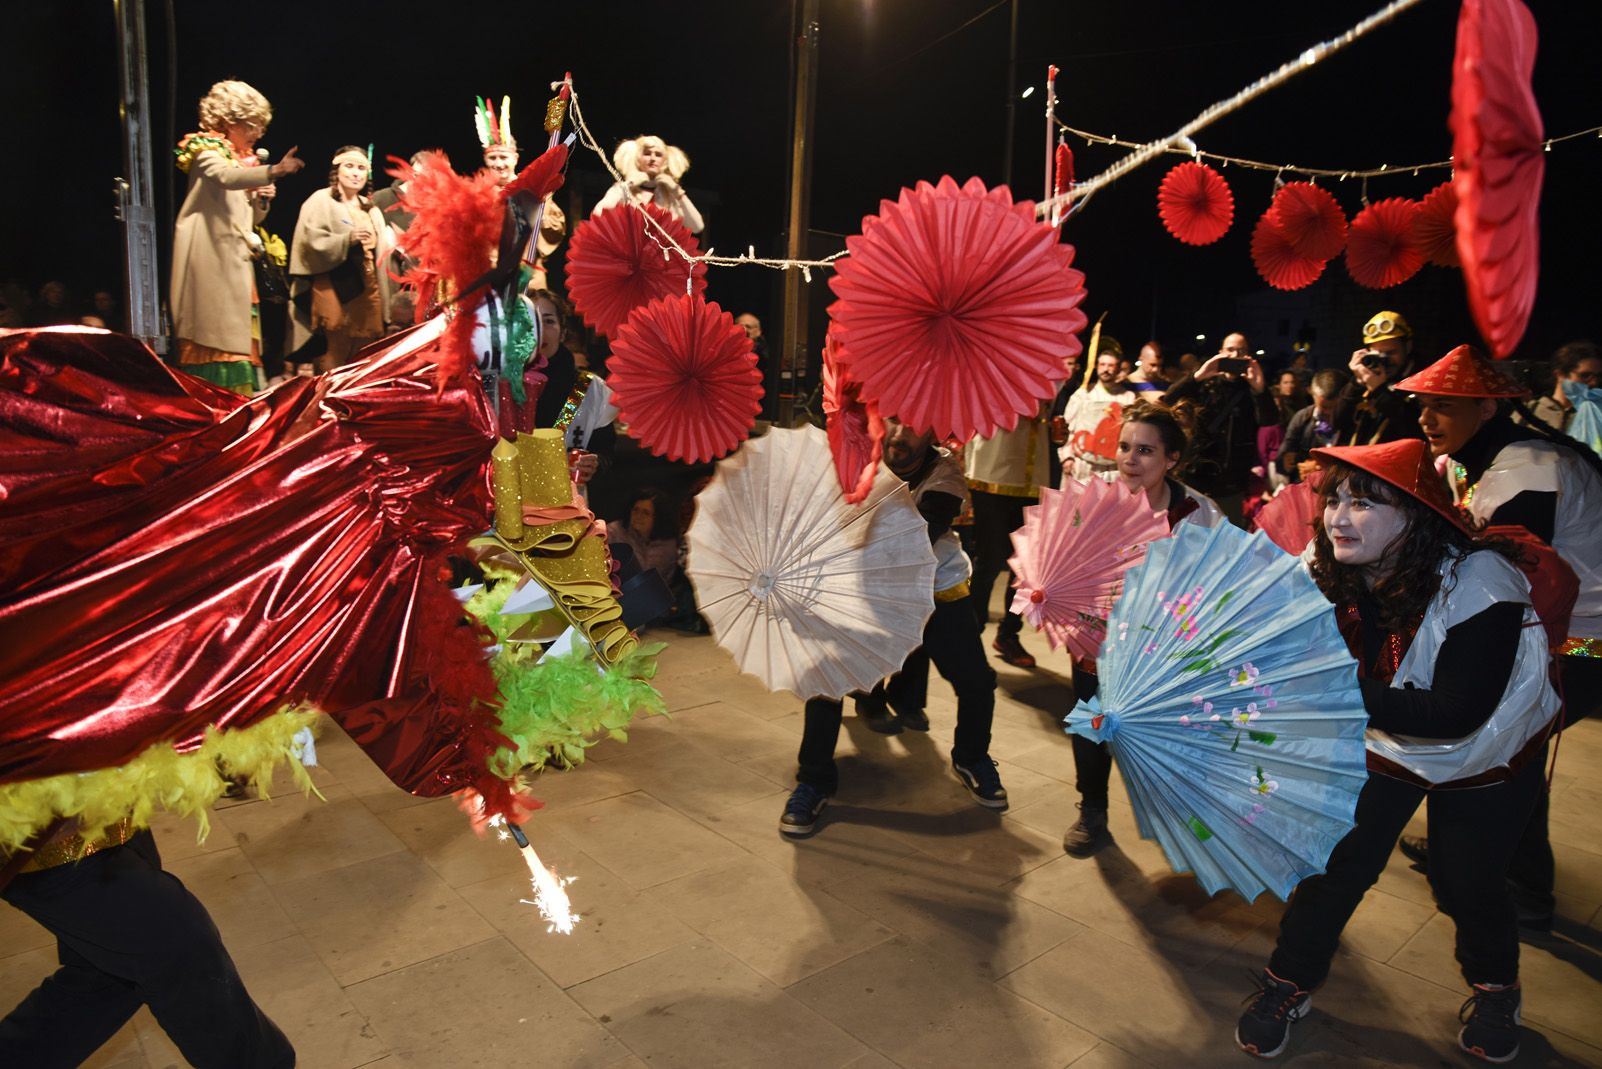 Rua i concurs de comparses de Carnaval 2019. Foto: Bernat Millet.